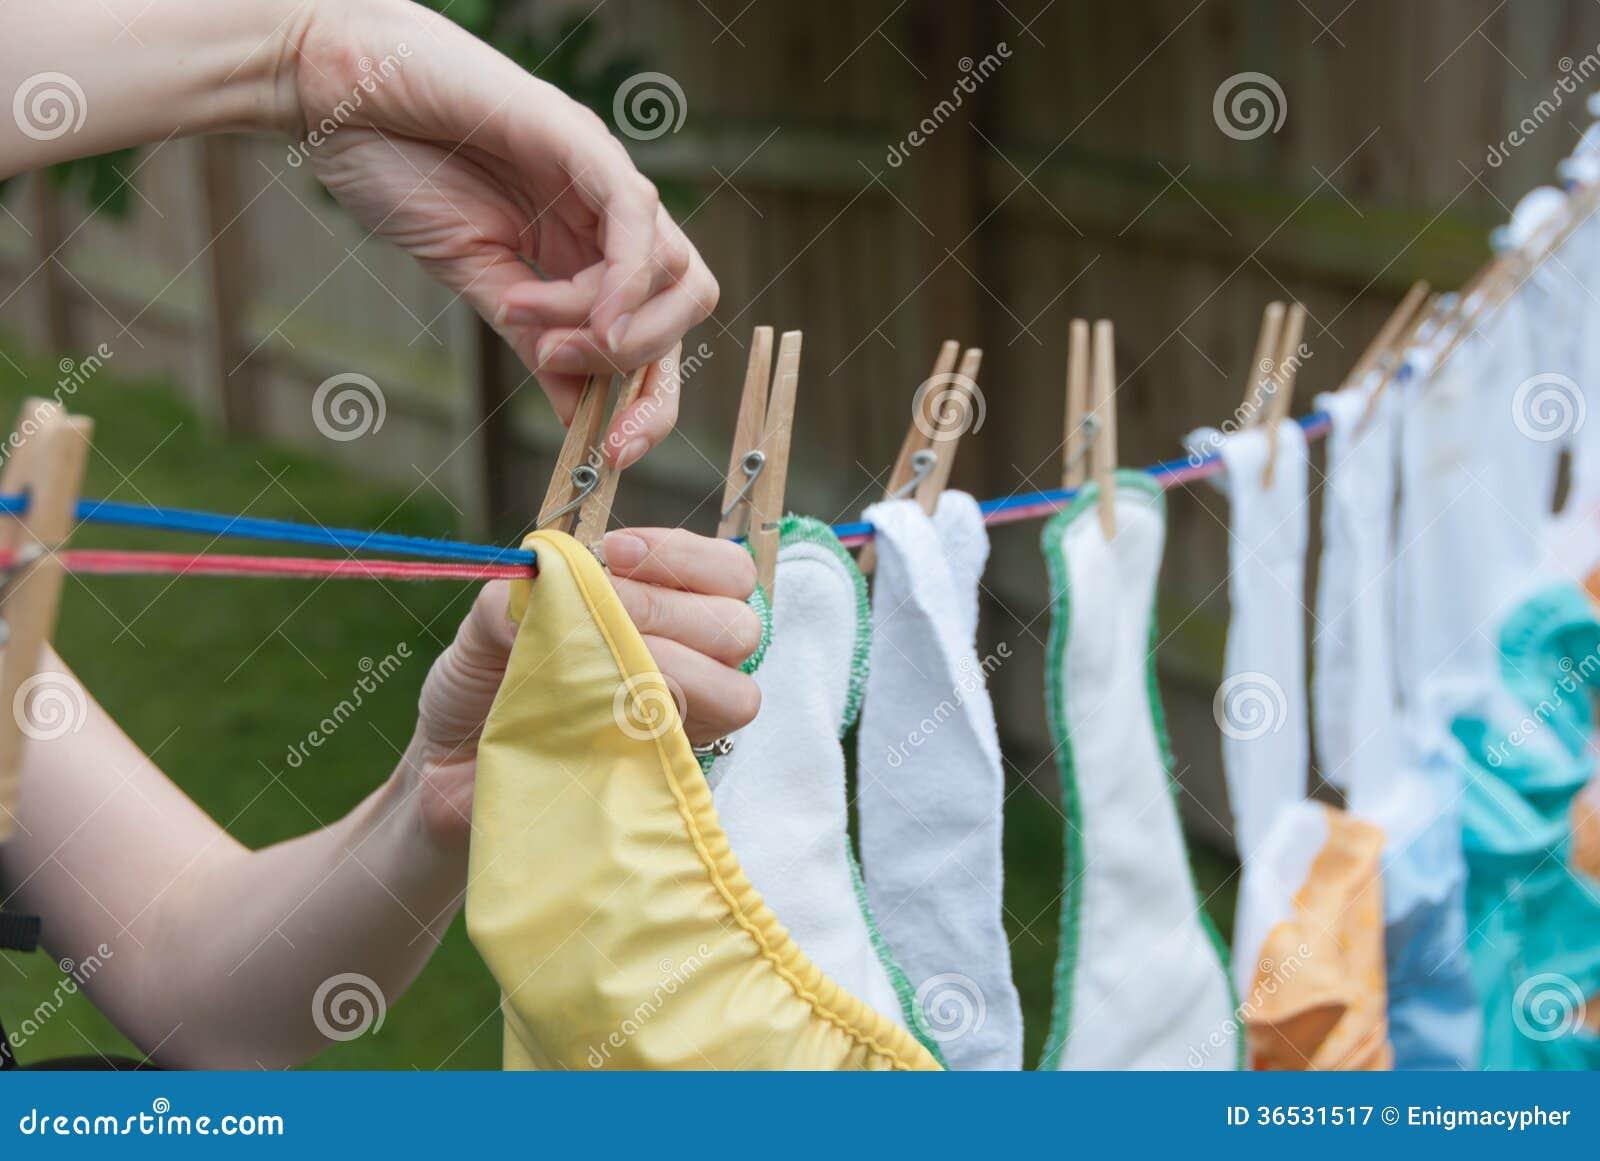 Sukienne pieluszki na Clothesline